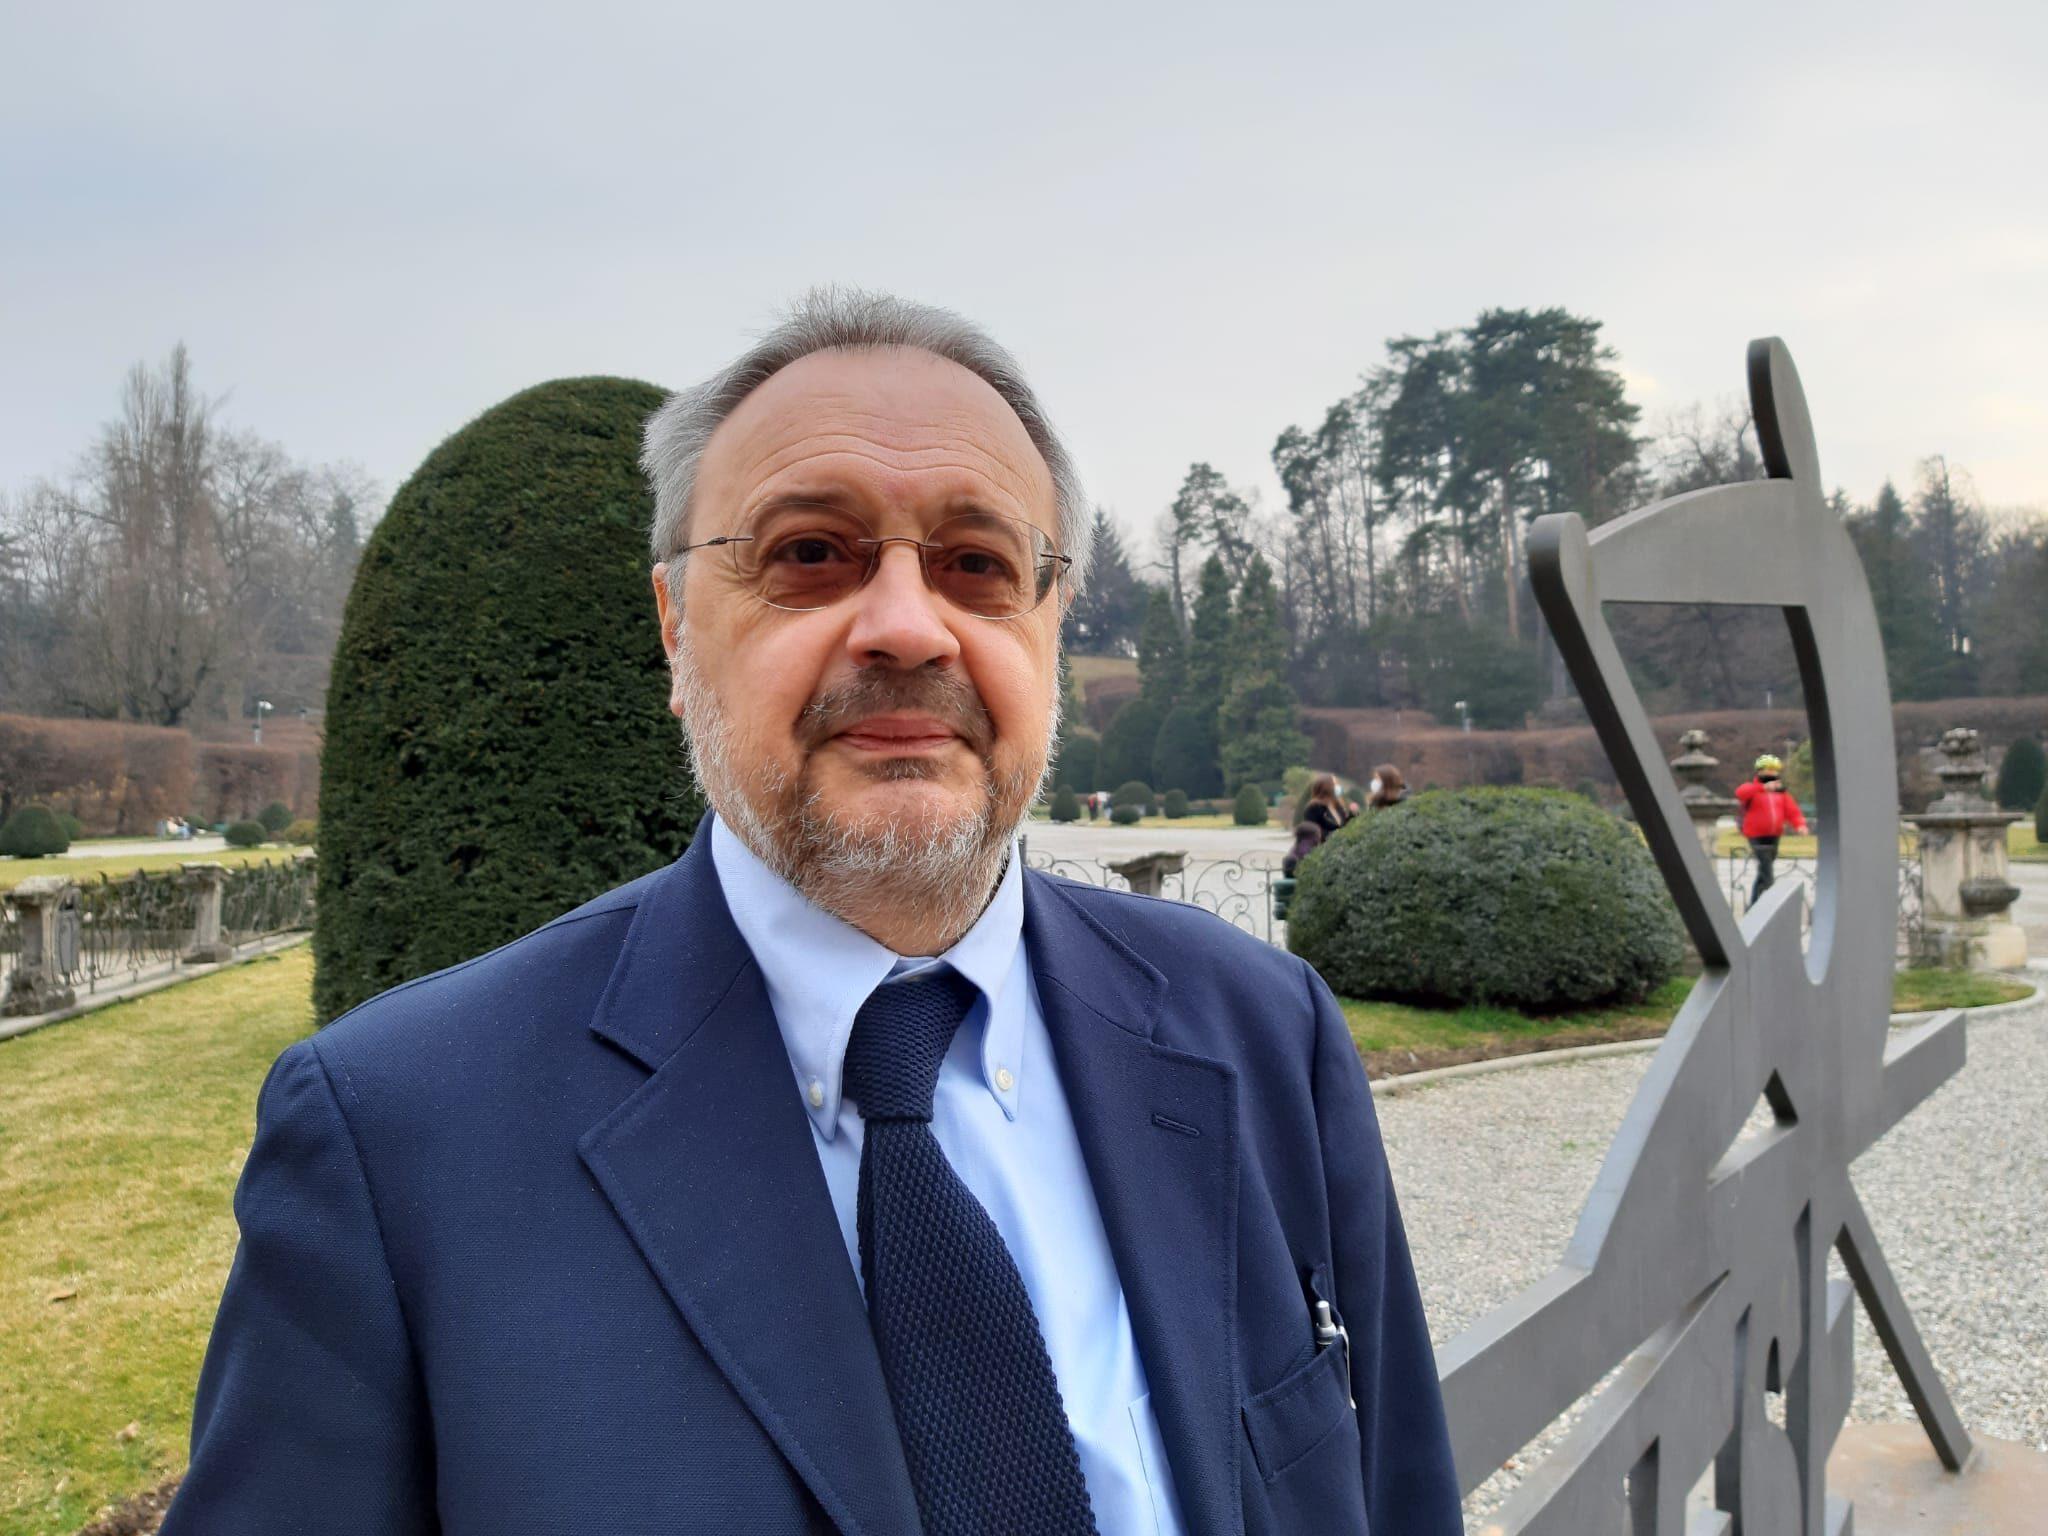 Roberto Molinari